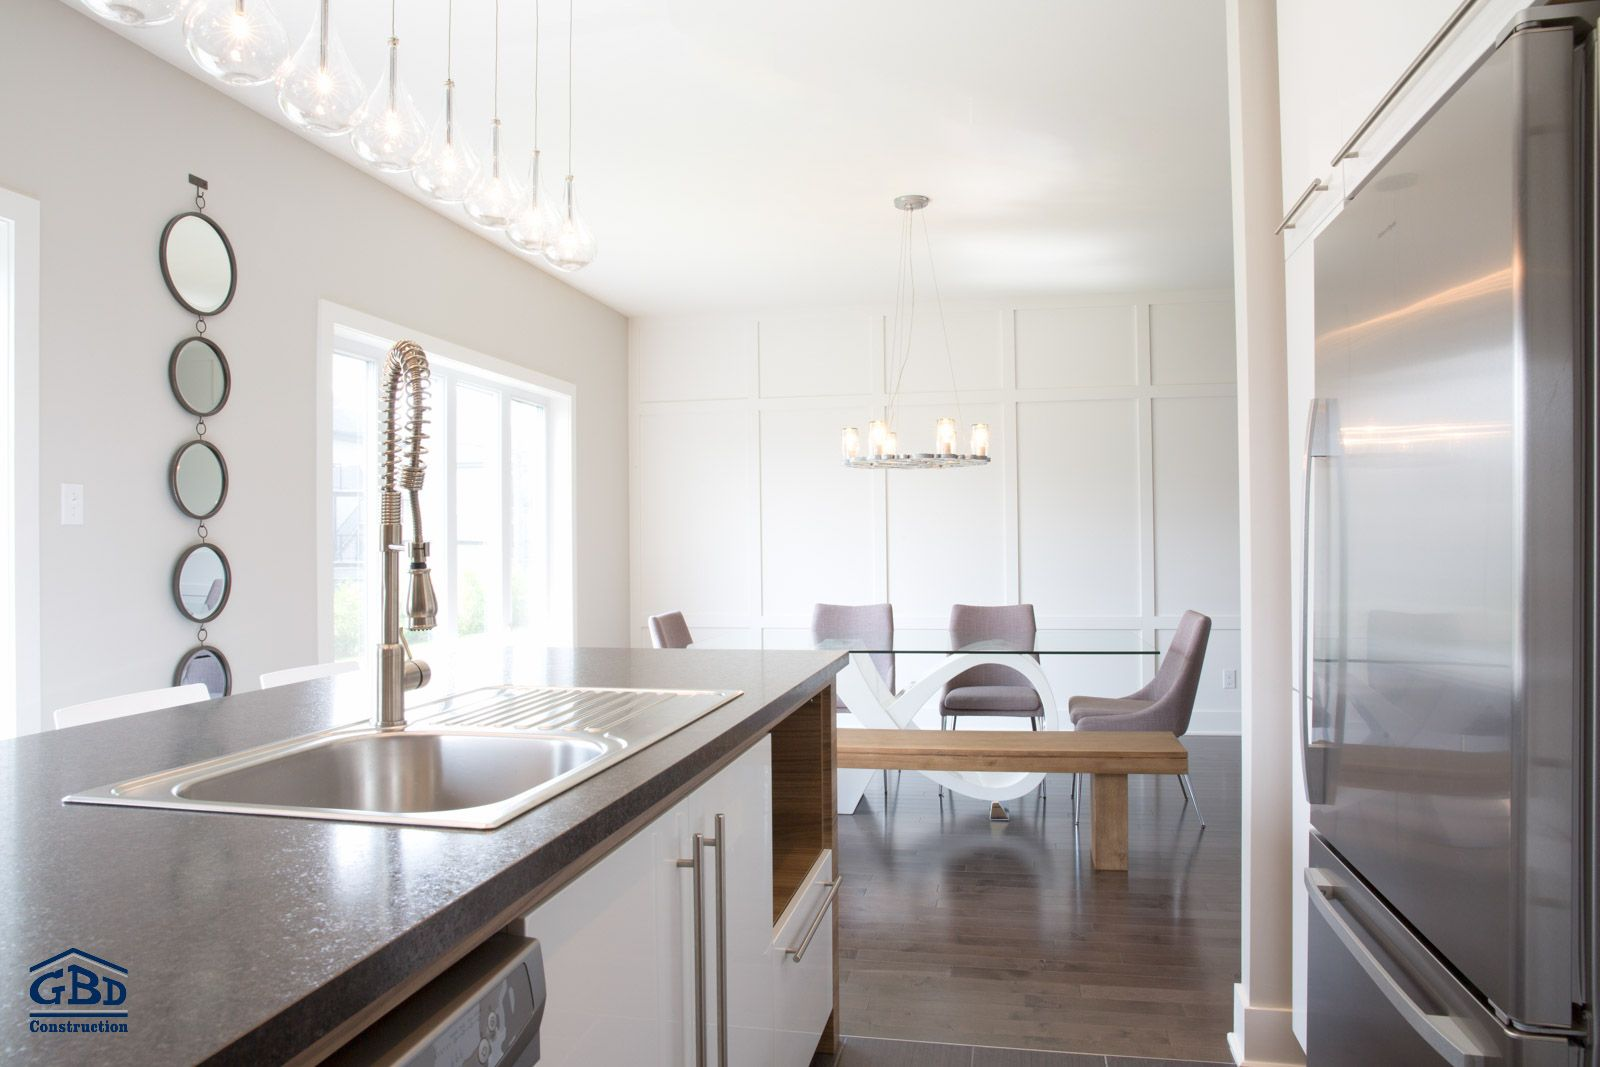 Votre maison neuve ou condo neuf sur la rive nord de montr al gbd construction condos for Construction maison neuve quebec